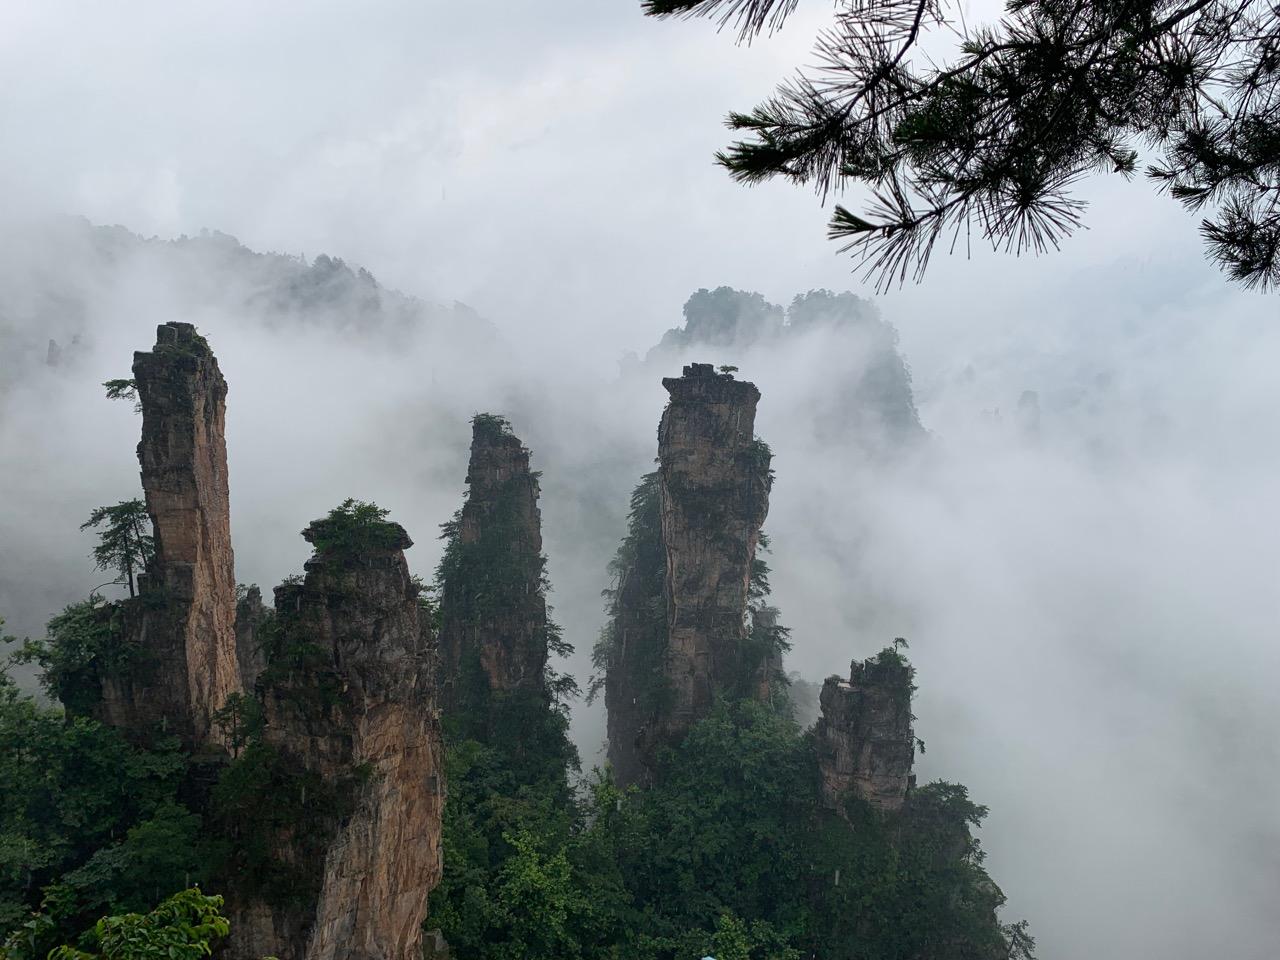 The view from Tianzishan in Zhangjiajie